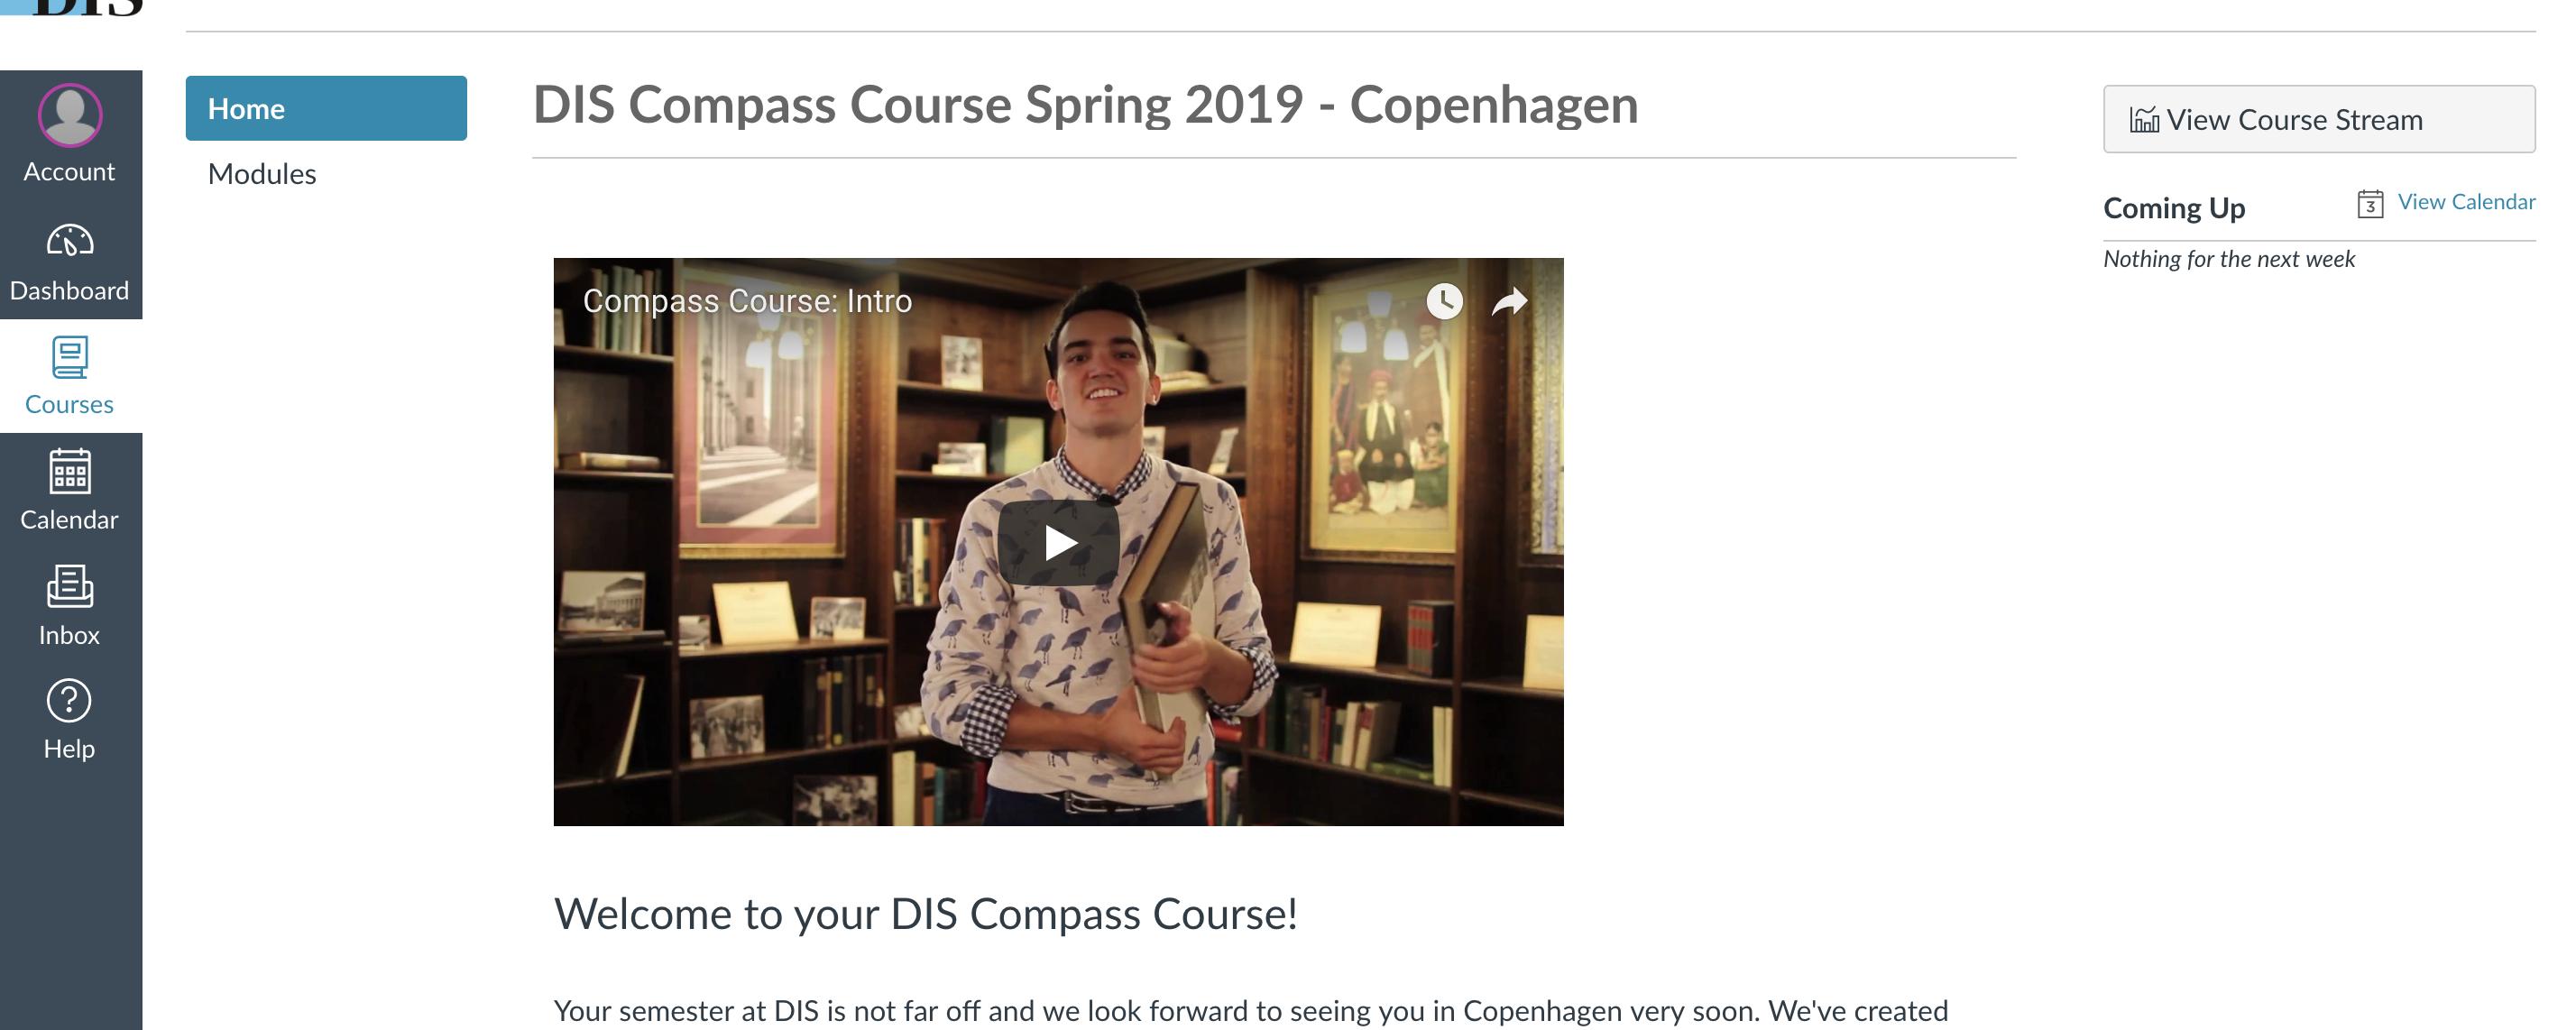 Compass: Online Pre-Departure Course | DIS